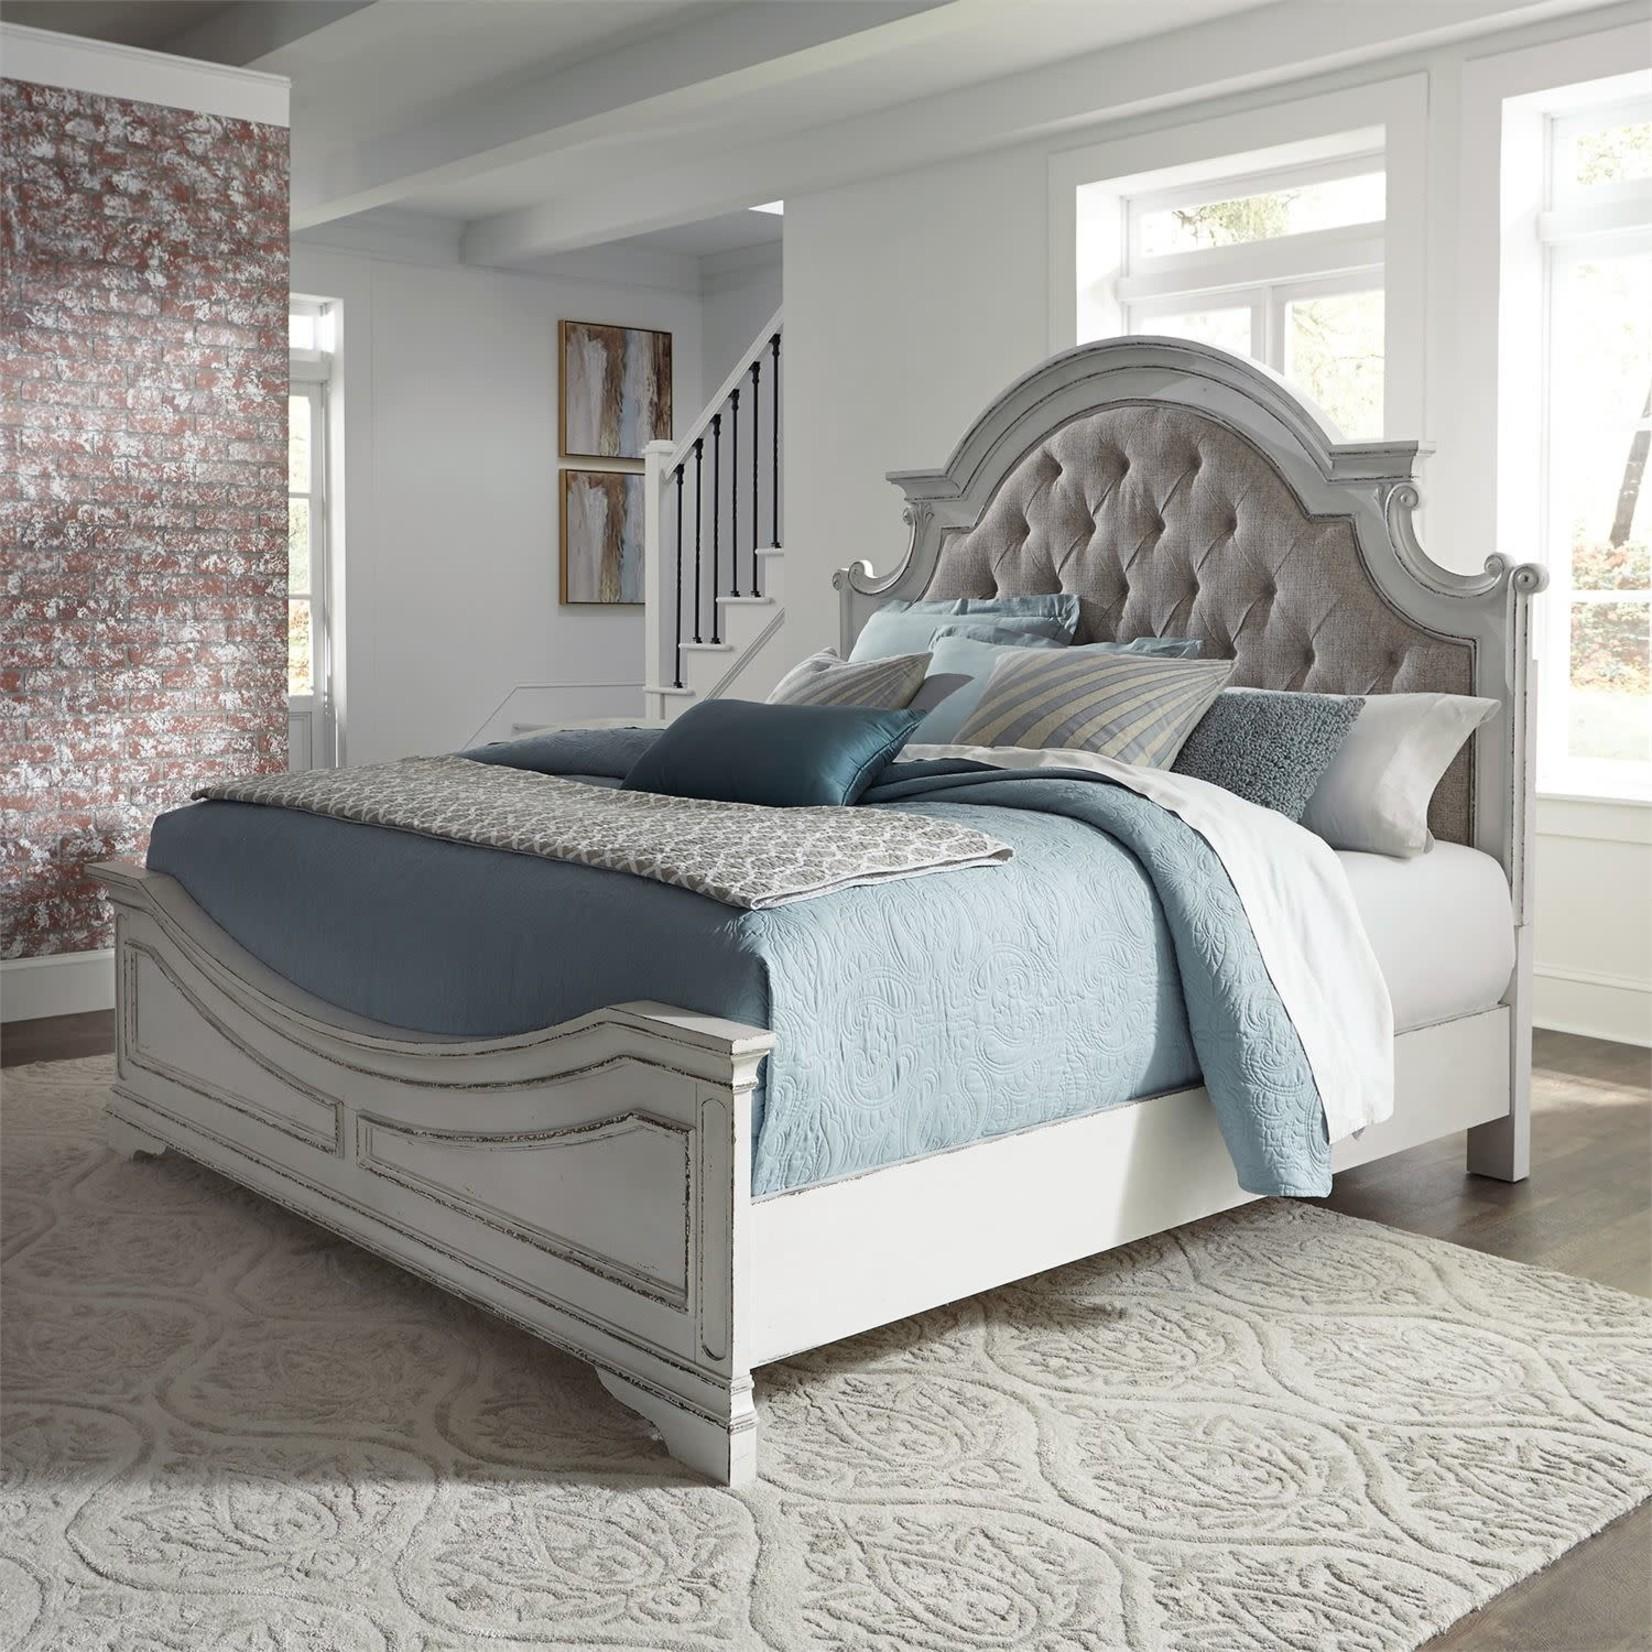 Magnolia Manor Bedroom